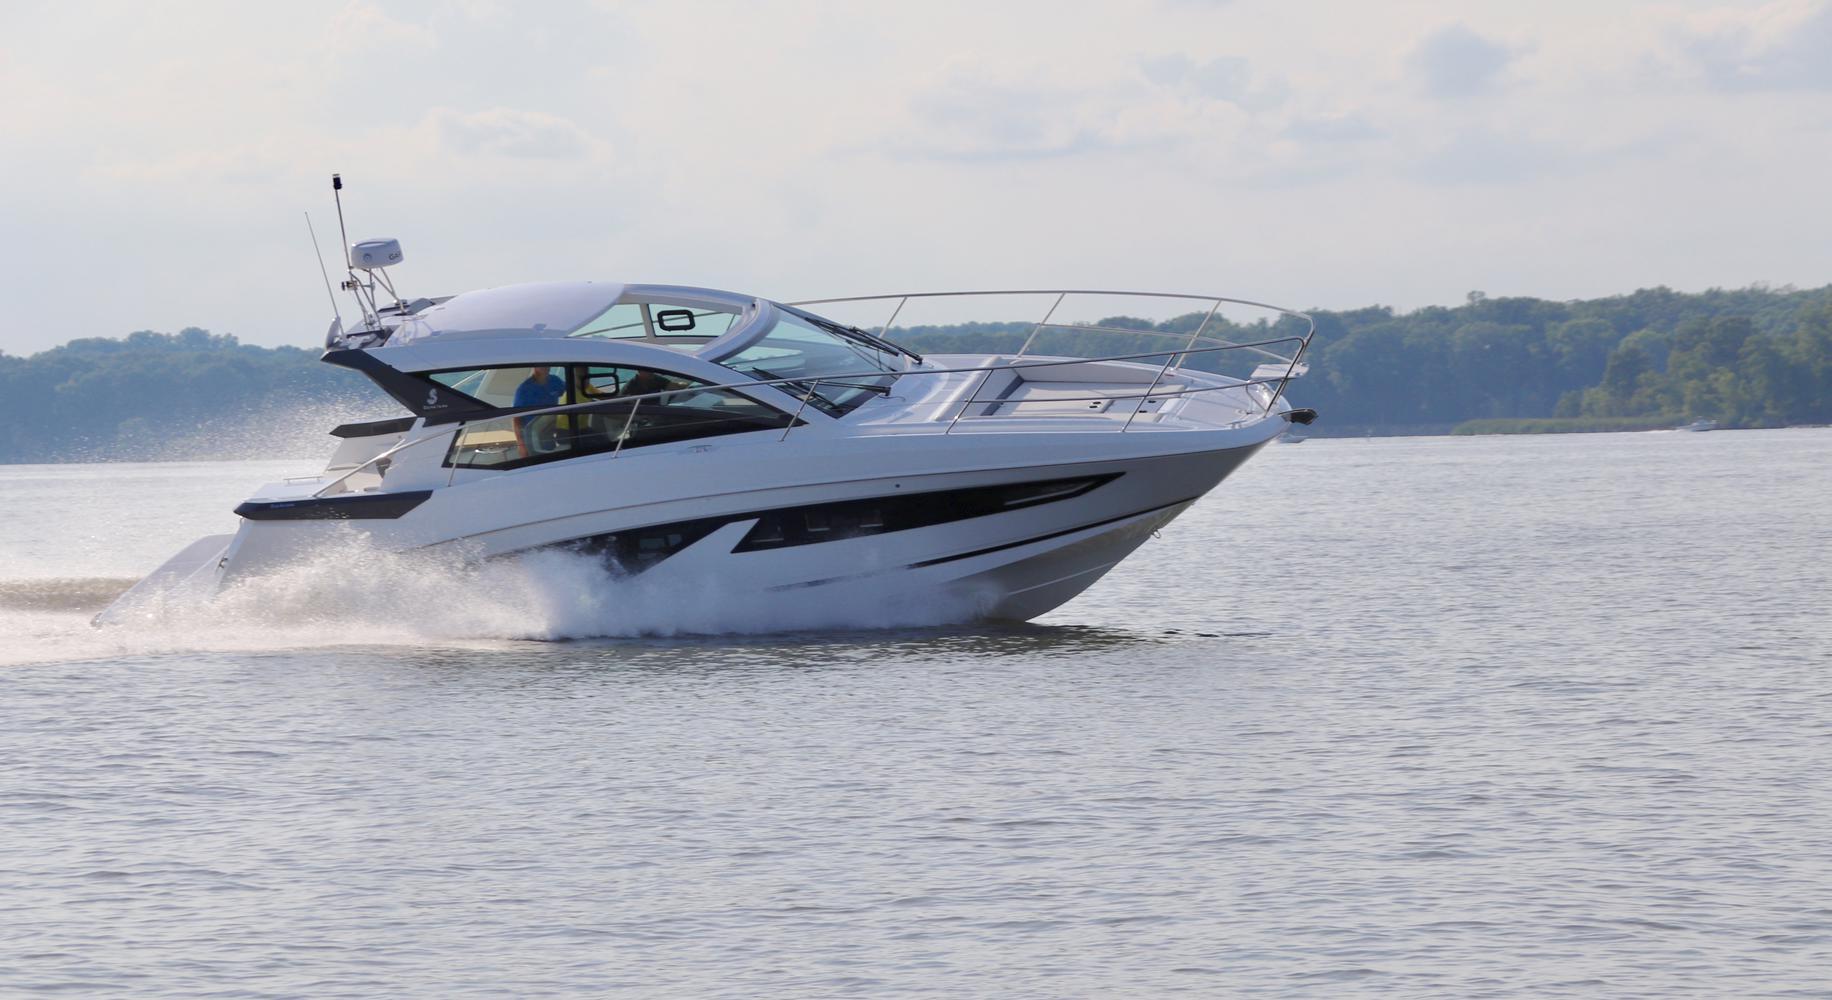 Gran Turismo 36 IB